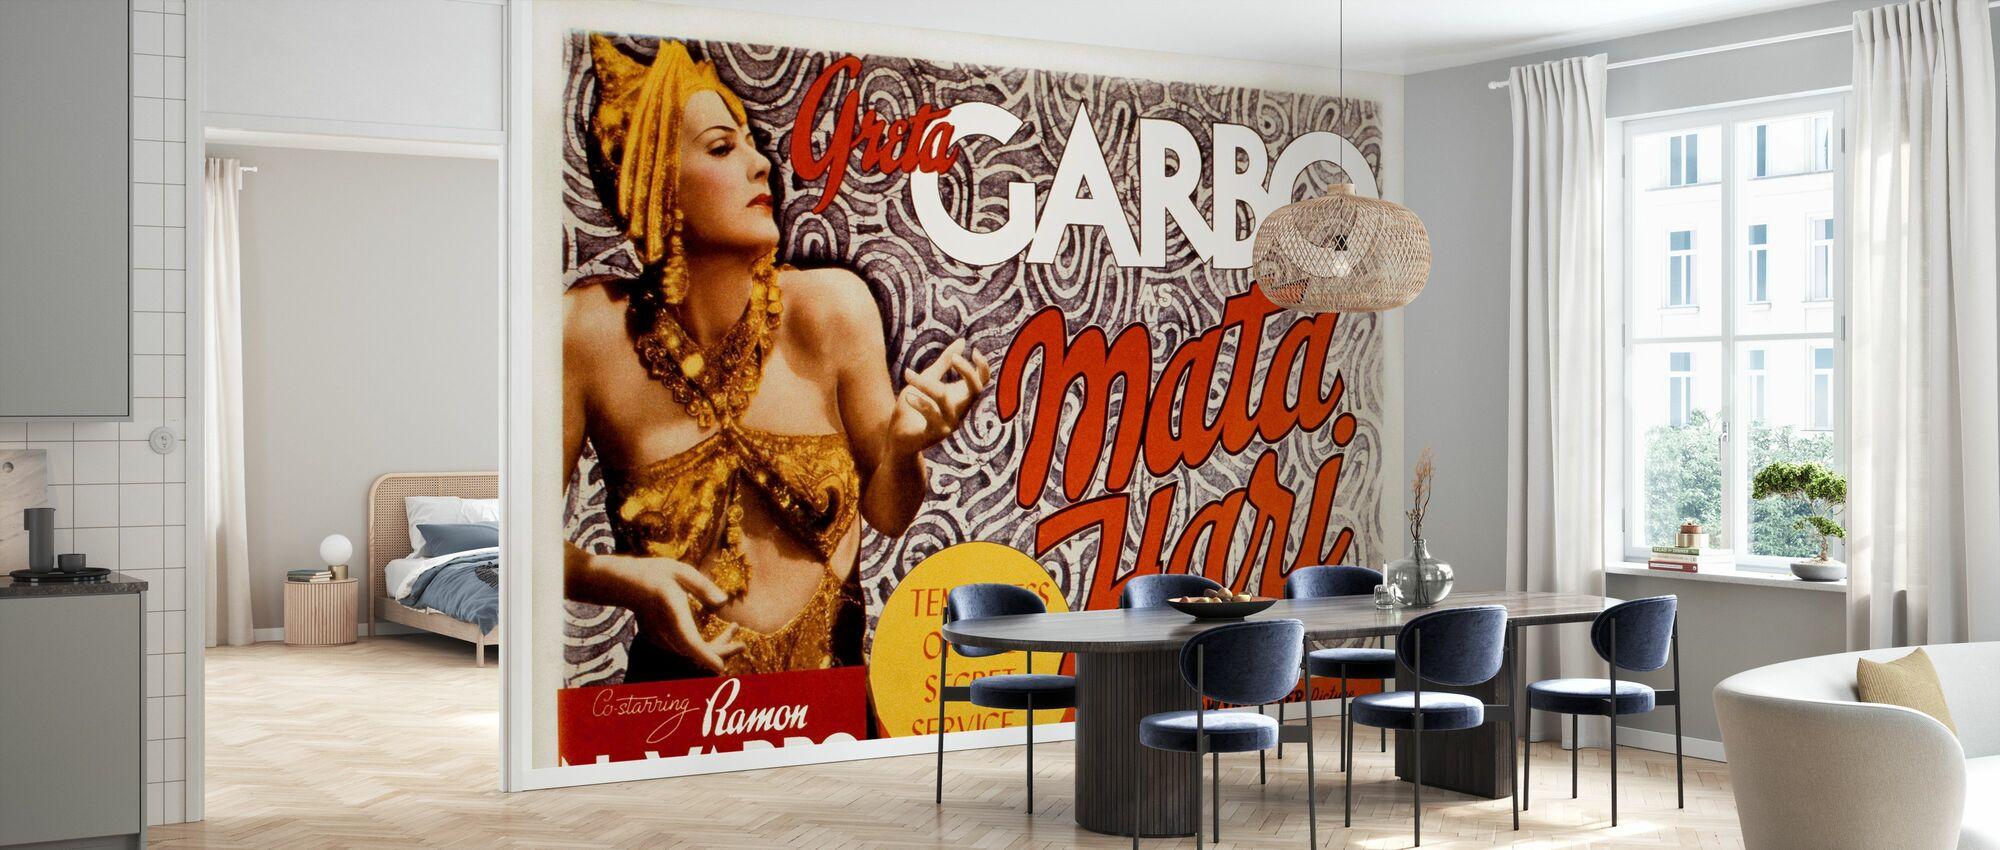 Movie Poster Mata Hari 2 - Wallpaper - Kitchen